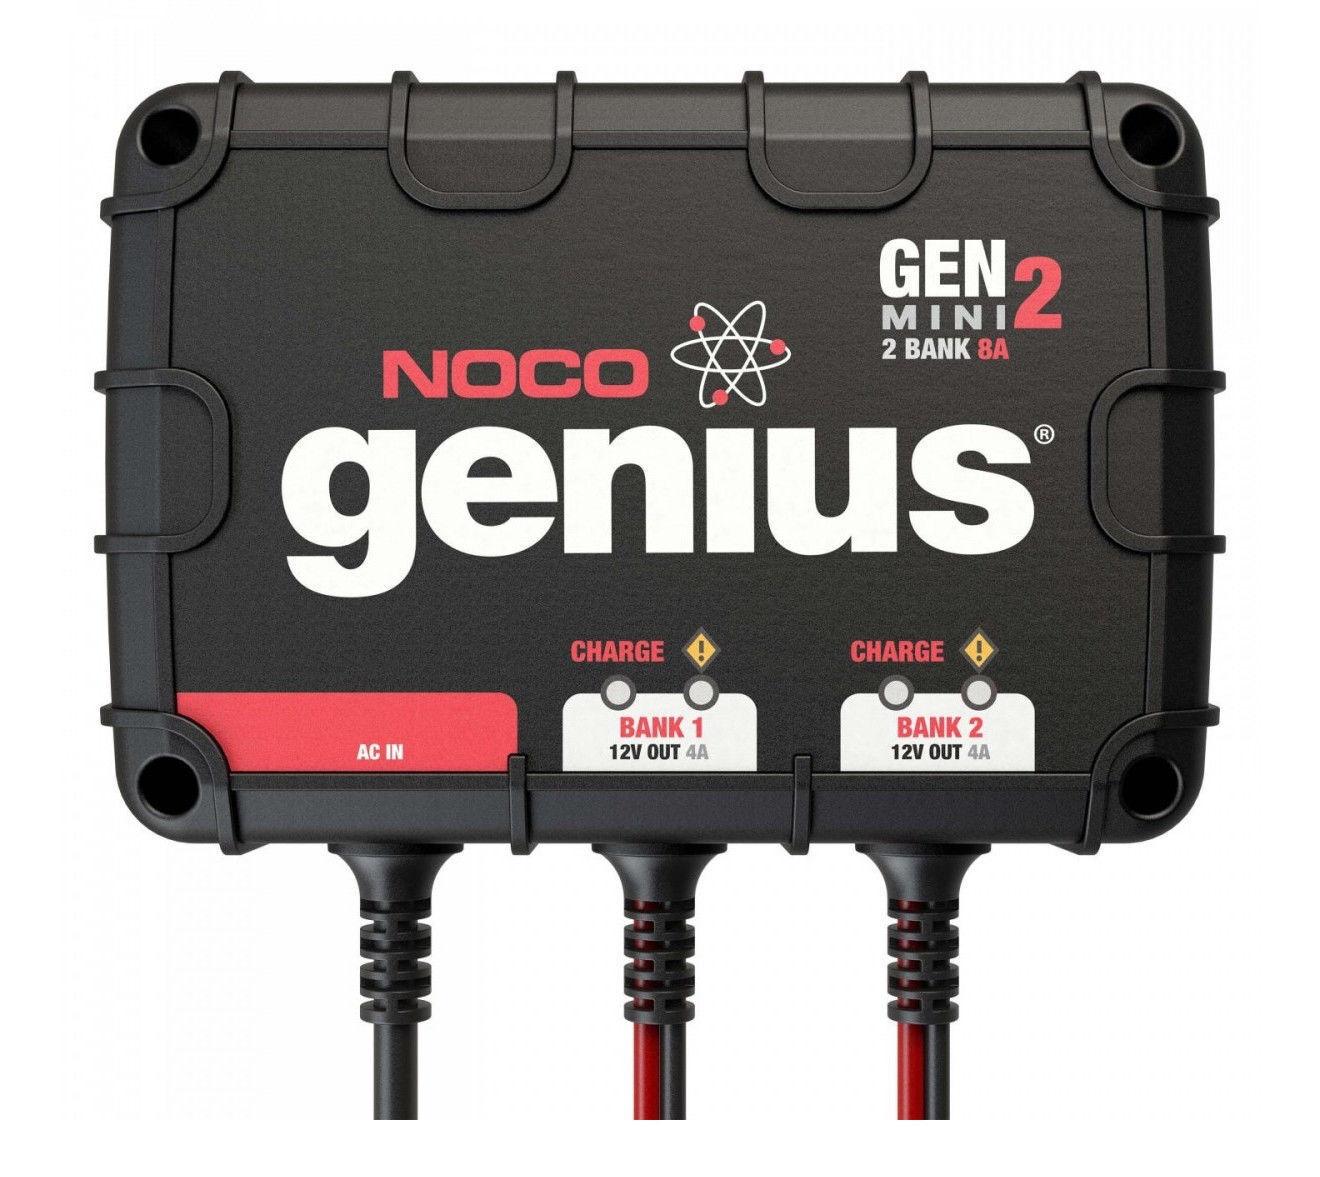 Noco Genius GENM2 8 Amp Marine 2-Bank Waterproof Smart On-Bo